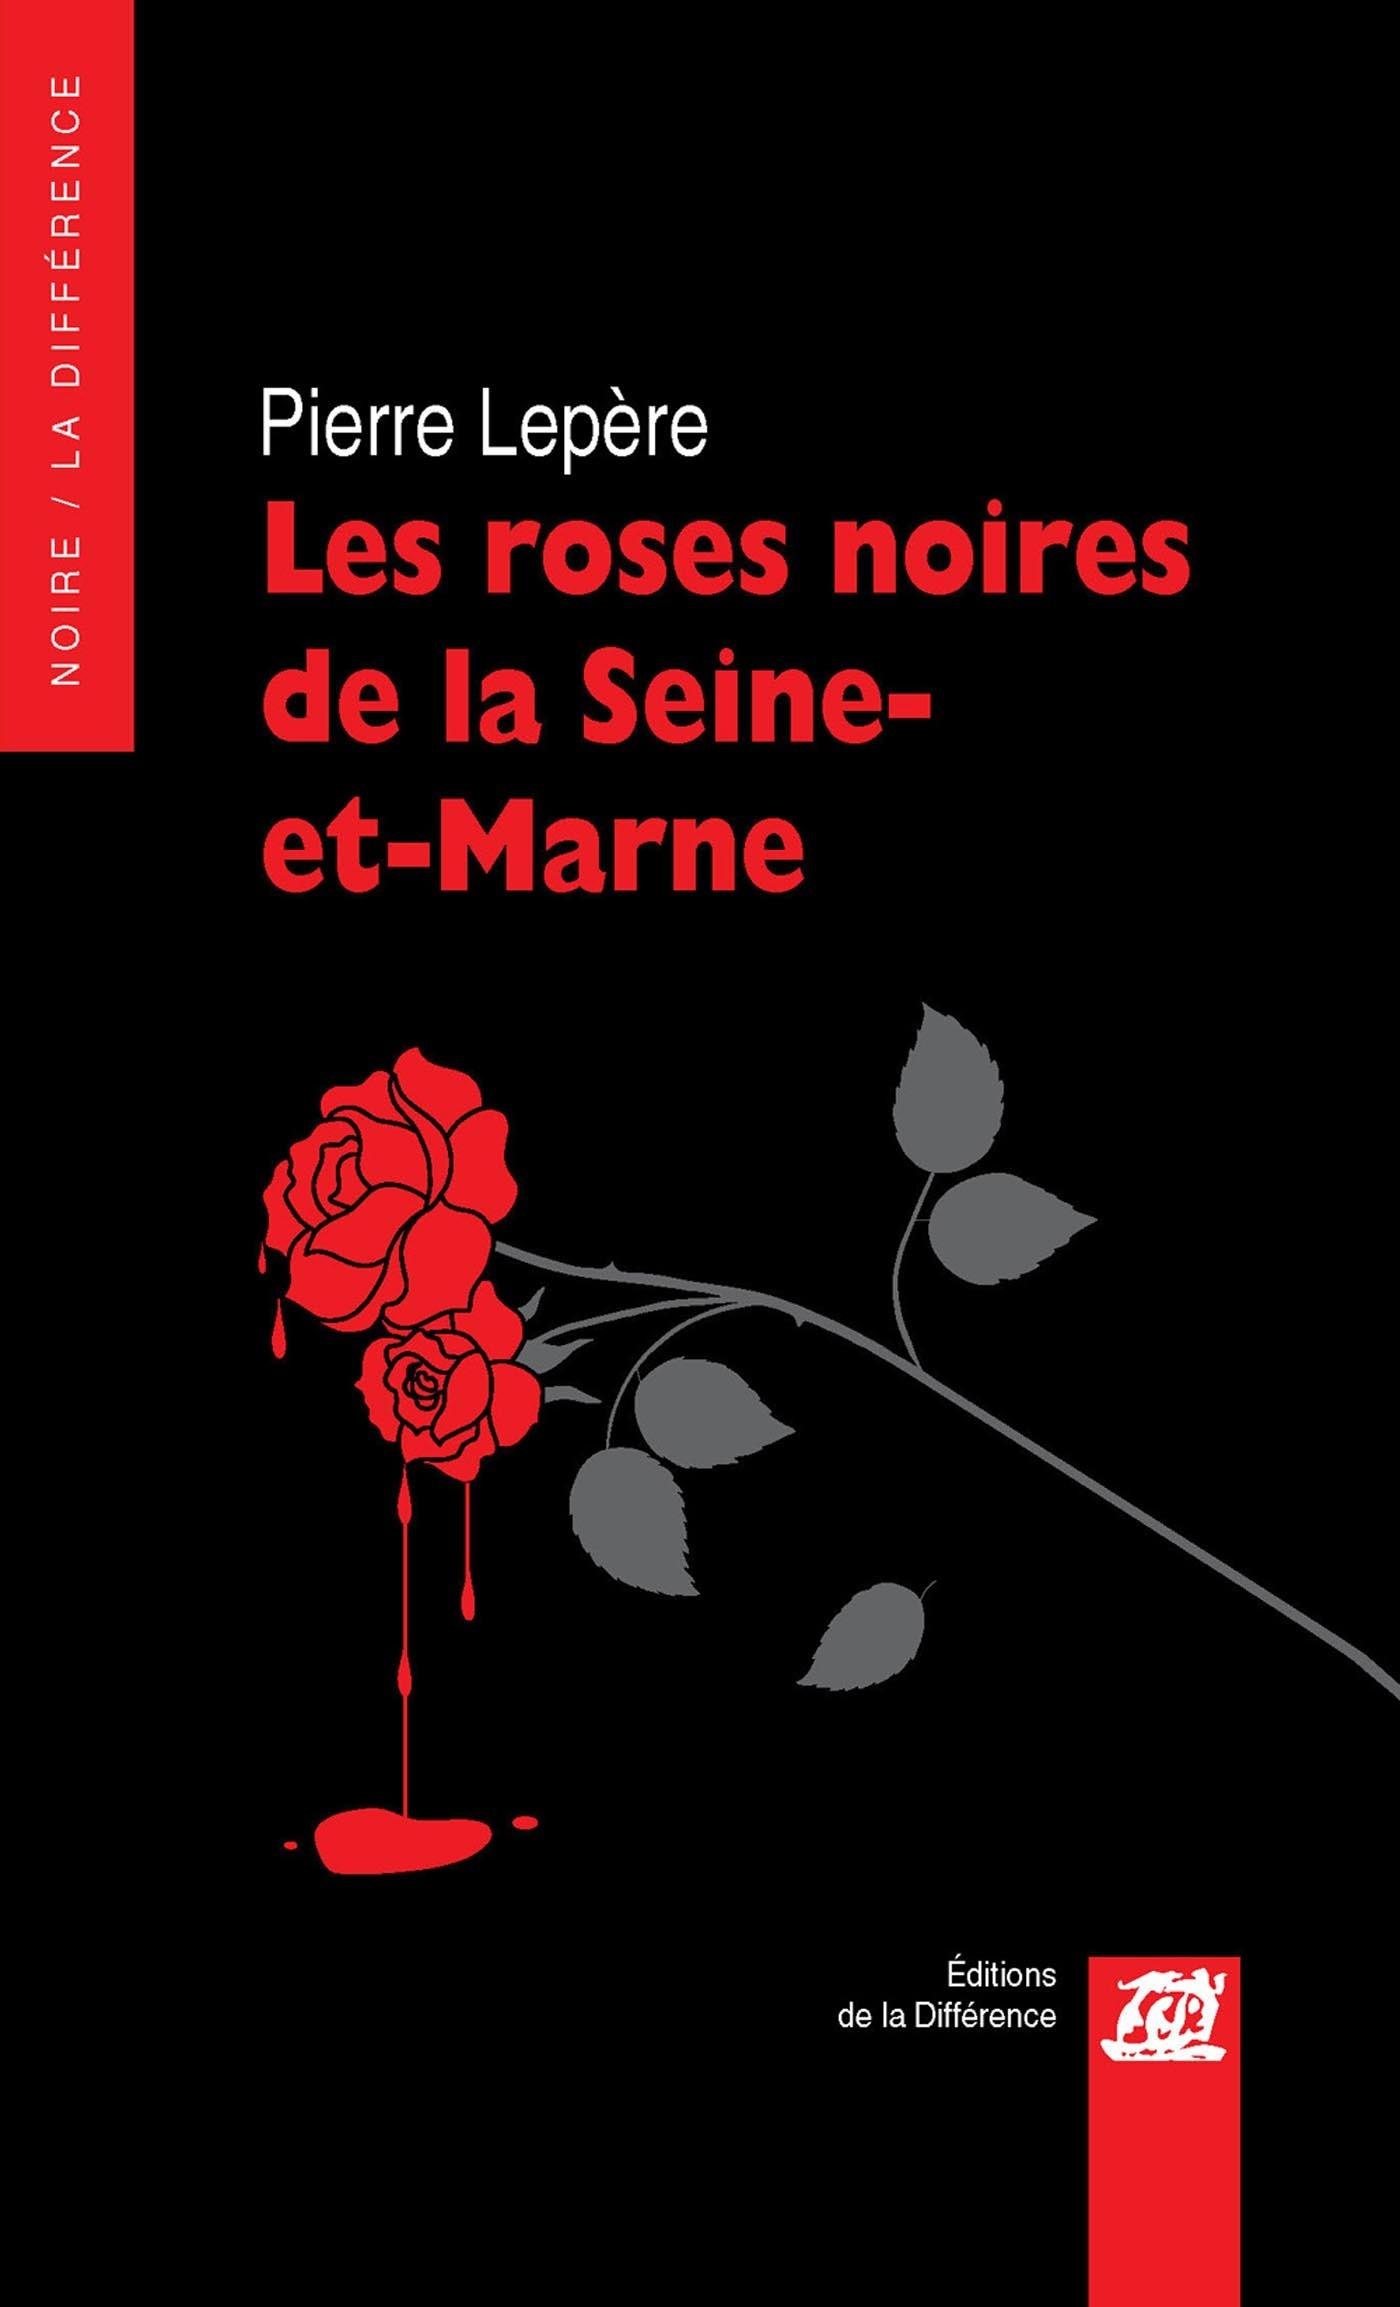 les roses noires de la Seine et Marne